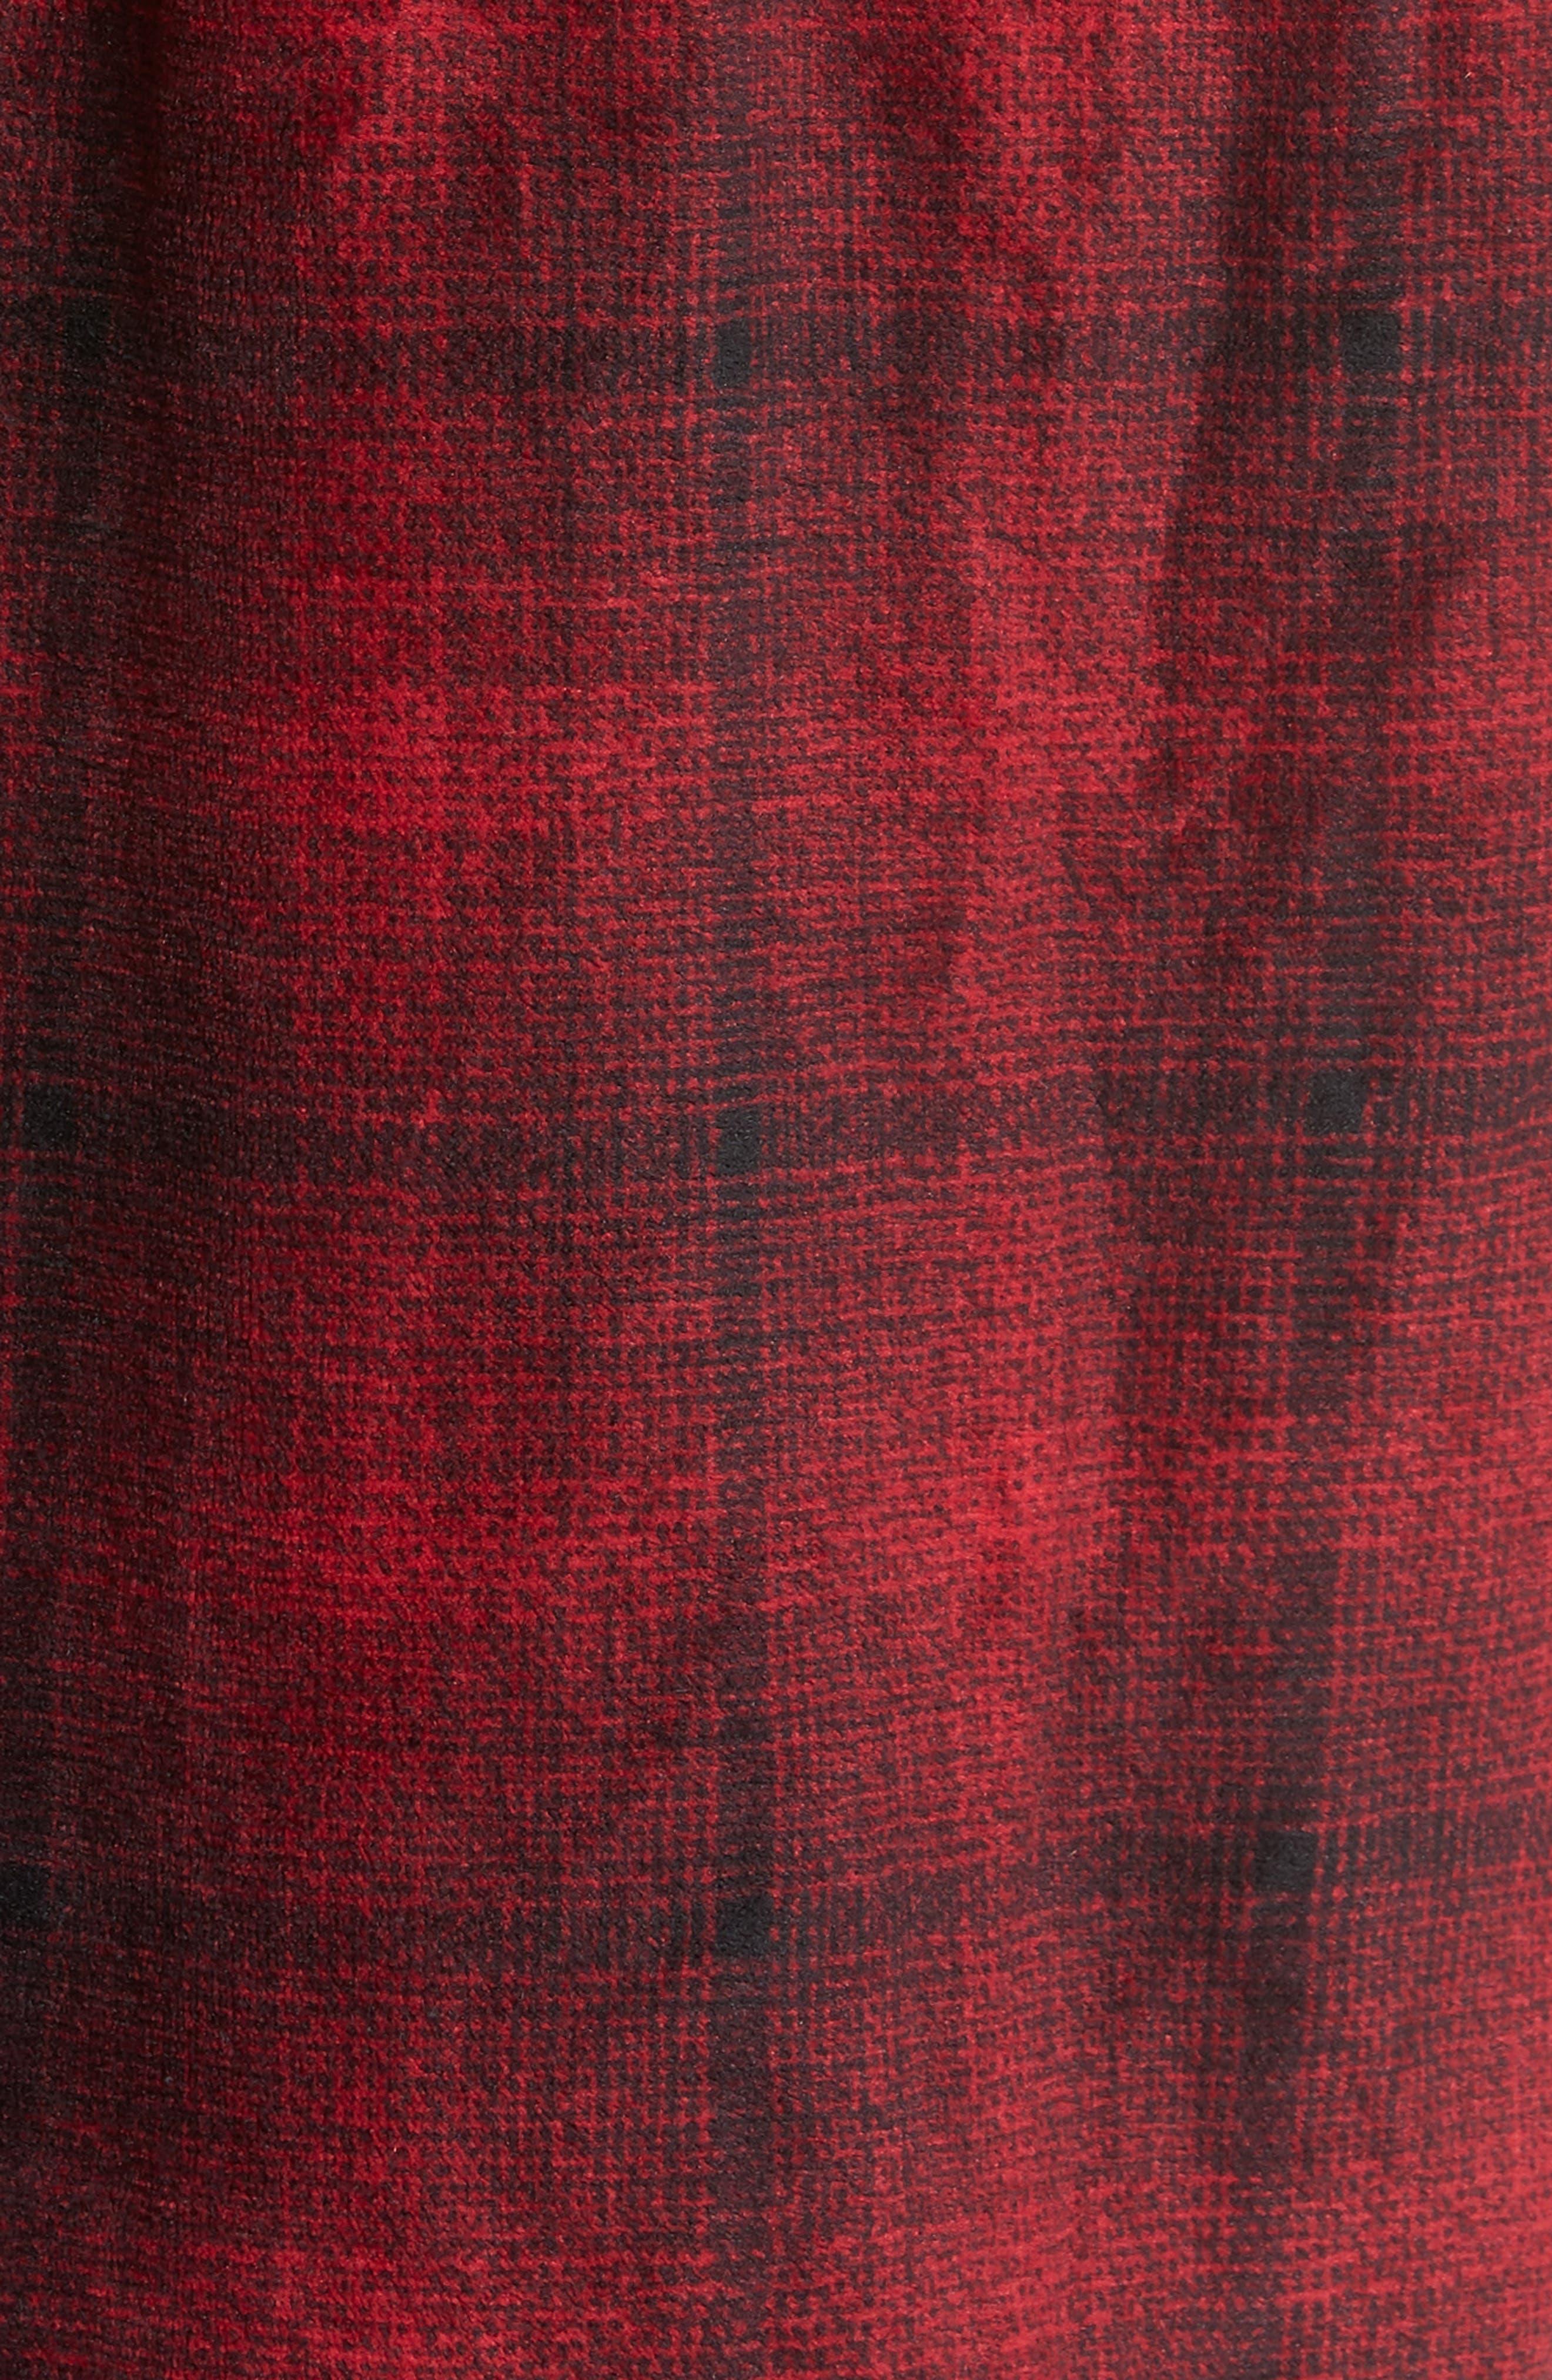 Ombré Plaid Fleece Robe,                             Alternate thumbnail 5, color,                             RED JESTER- BLACK OMBRE PLAID